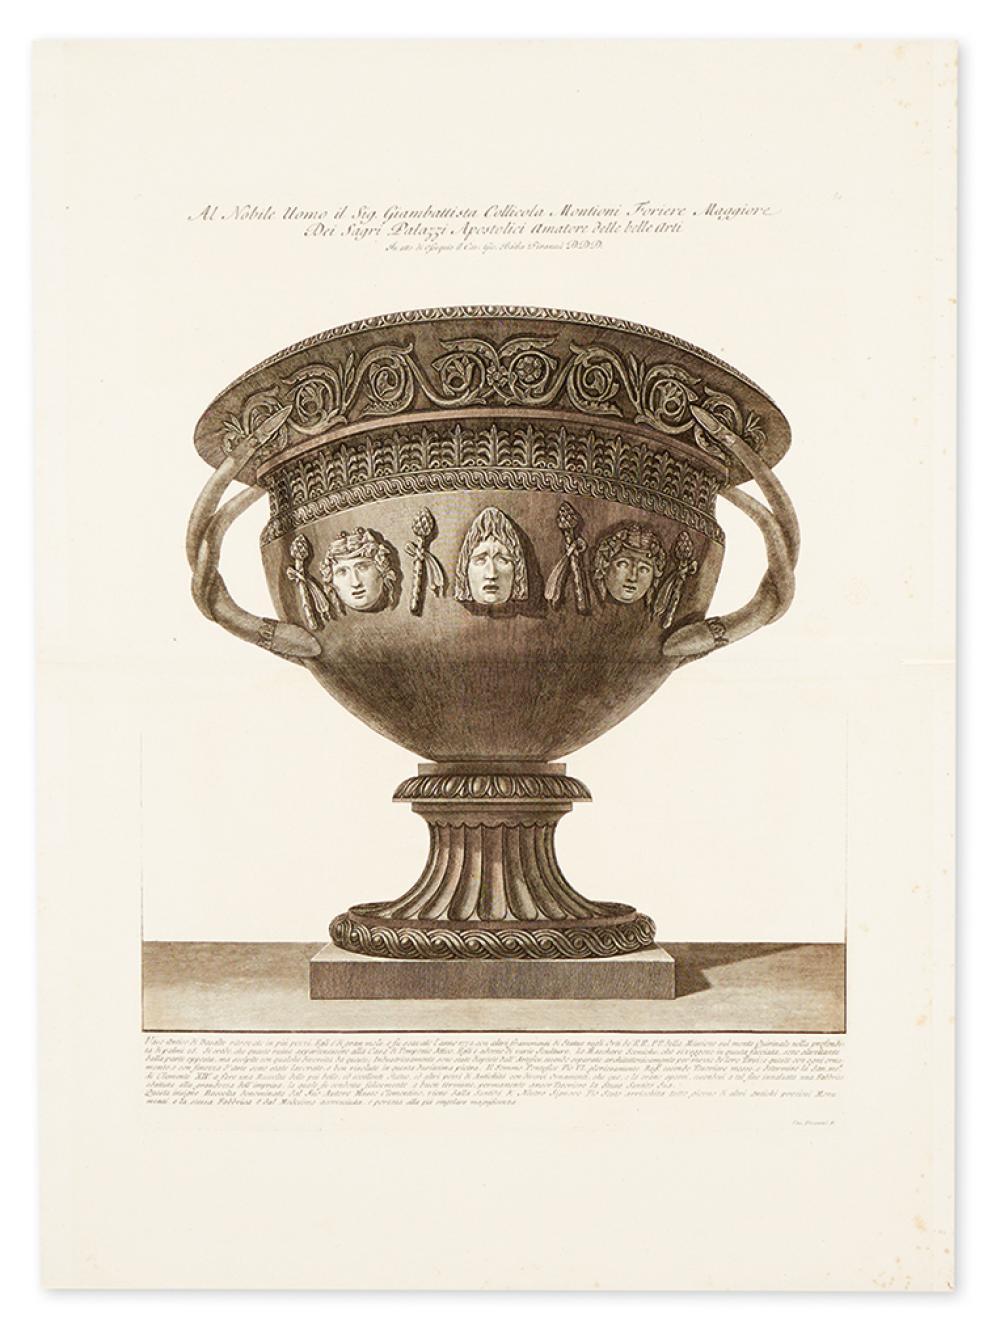 PIRANESI, GIOVANNI BATTISTA. [Large basalt vase]. Al Nobile Uomo il Sig. Giambattista Collicola Montioni Foriere Maggiore